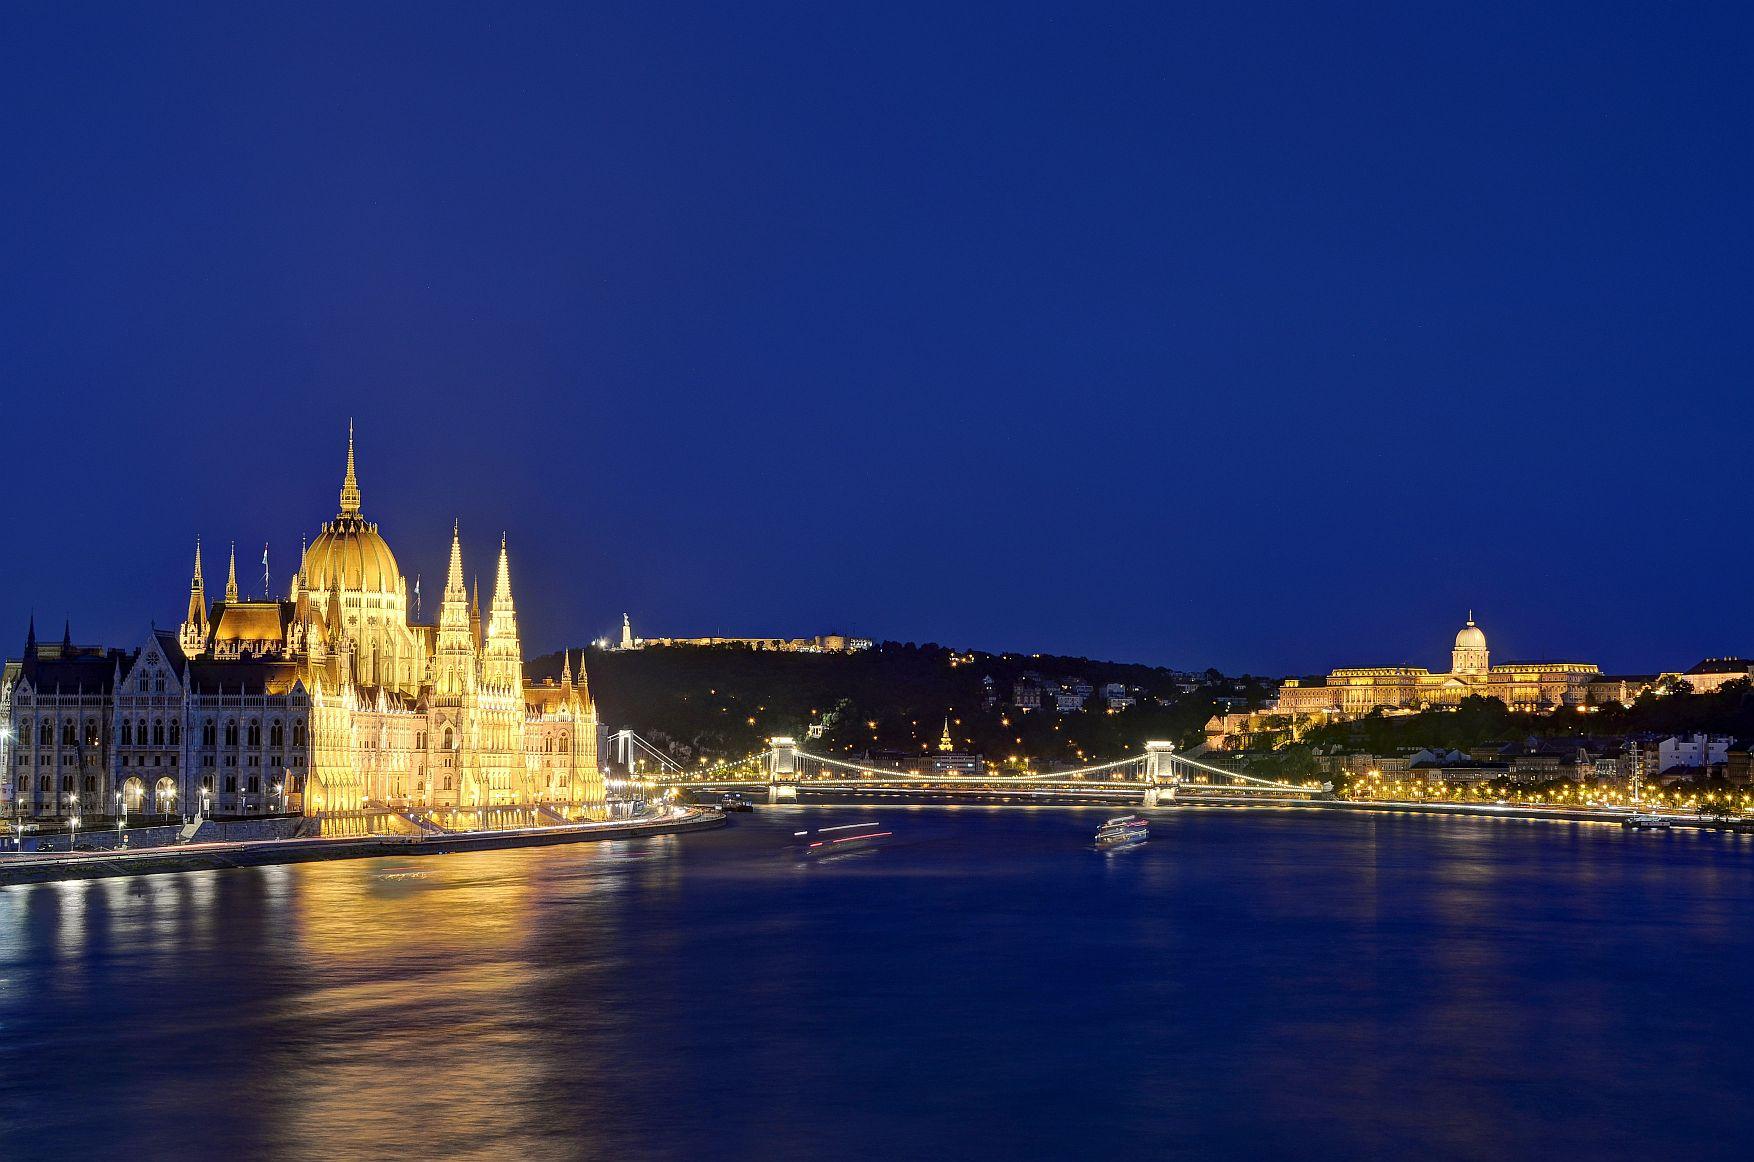 Budapest - Donau mit Parlament und Burg bei Nacht, copyright FirstMed Zahnklinik-Ungarn.de